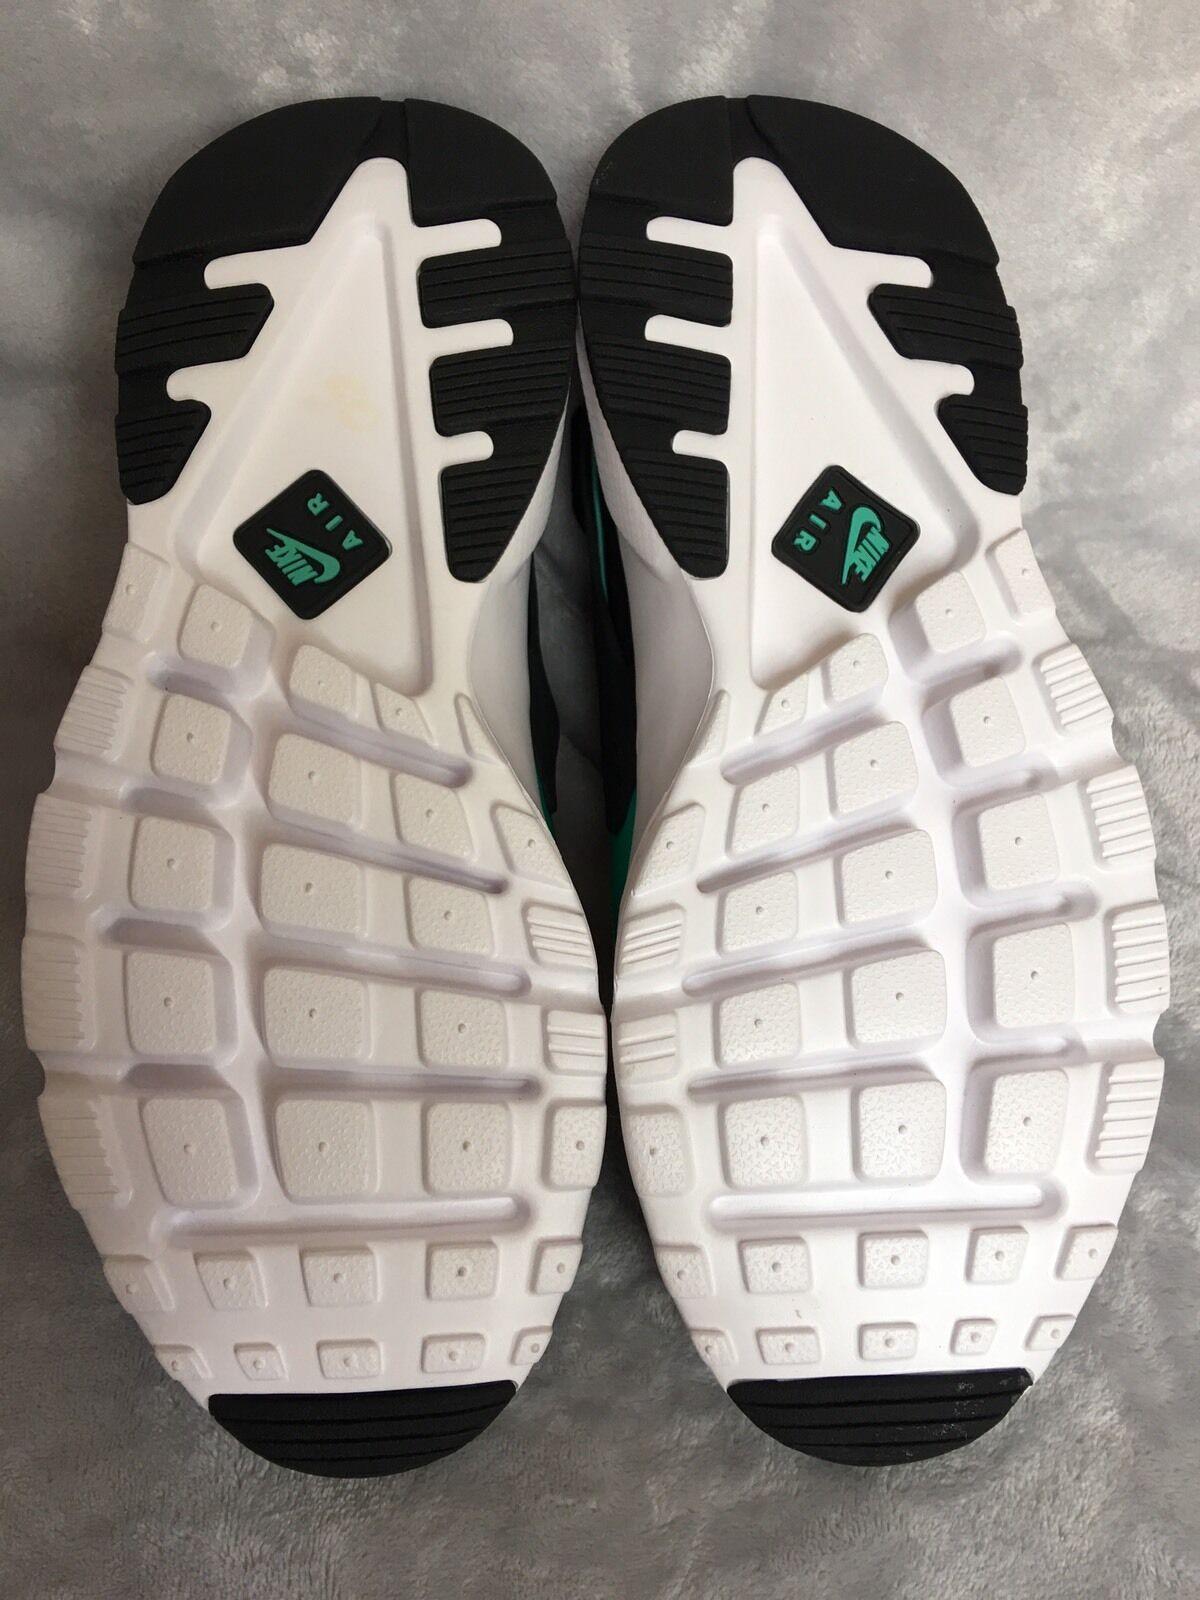 online store a0e2d 77871 Nike Air Air Air Huarache Running Shoes Training Green Black 819685 003  Mens Size 13 5444cc